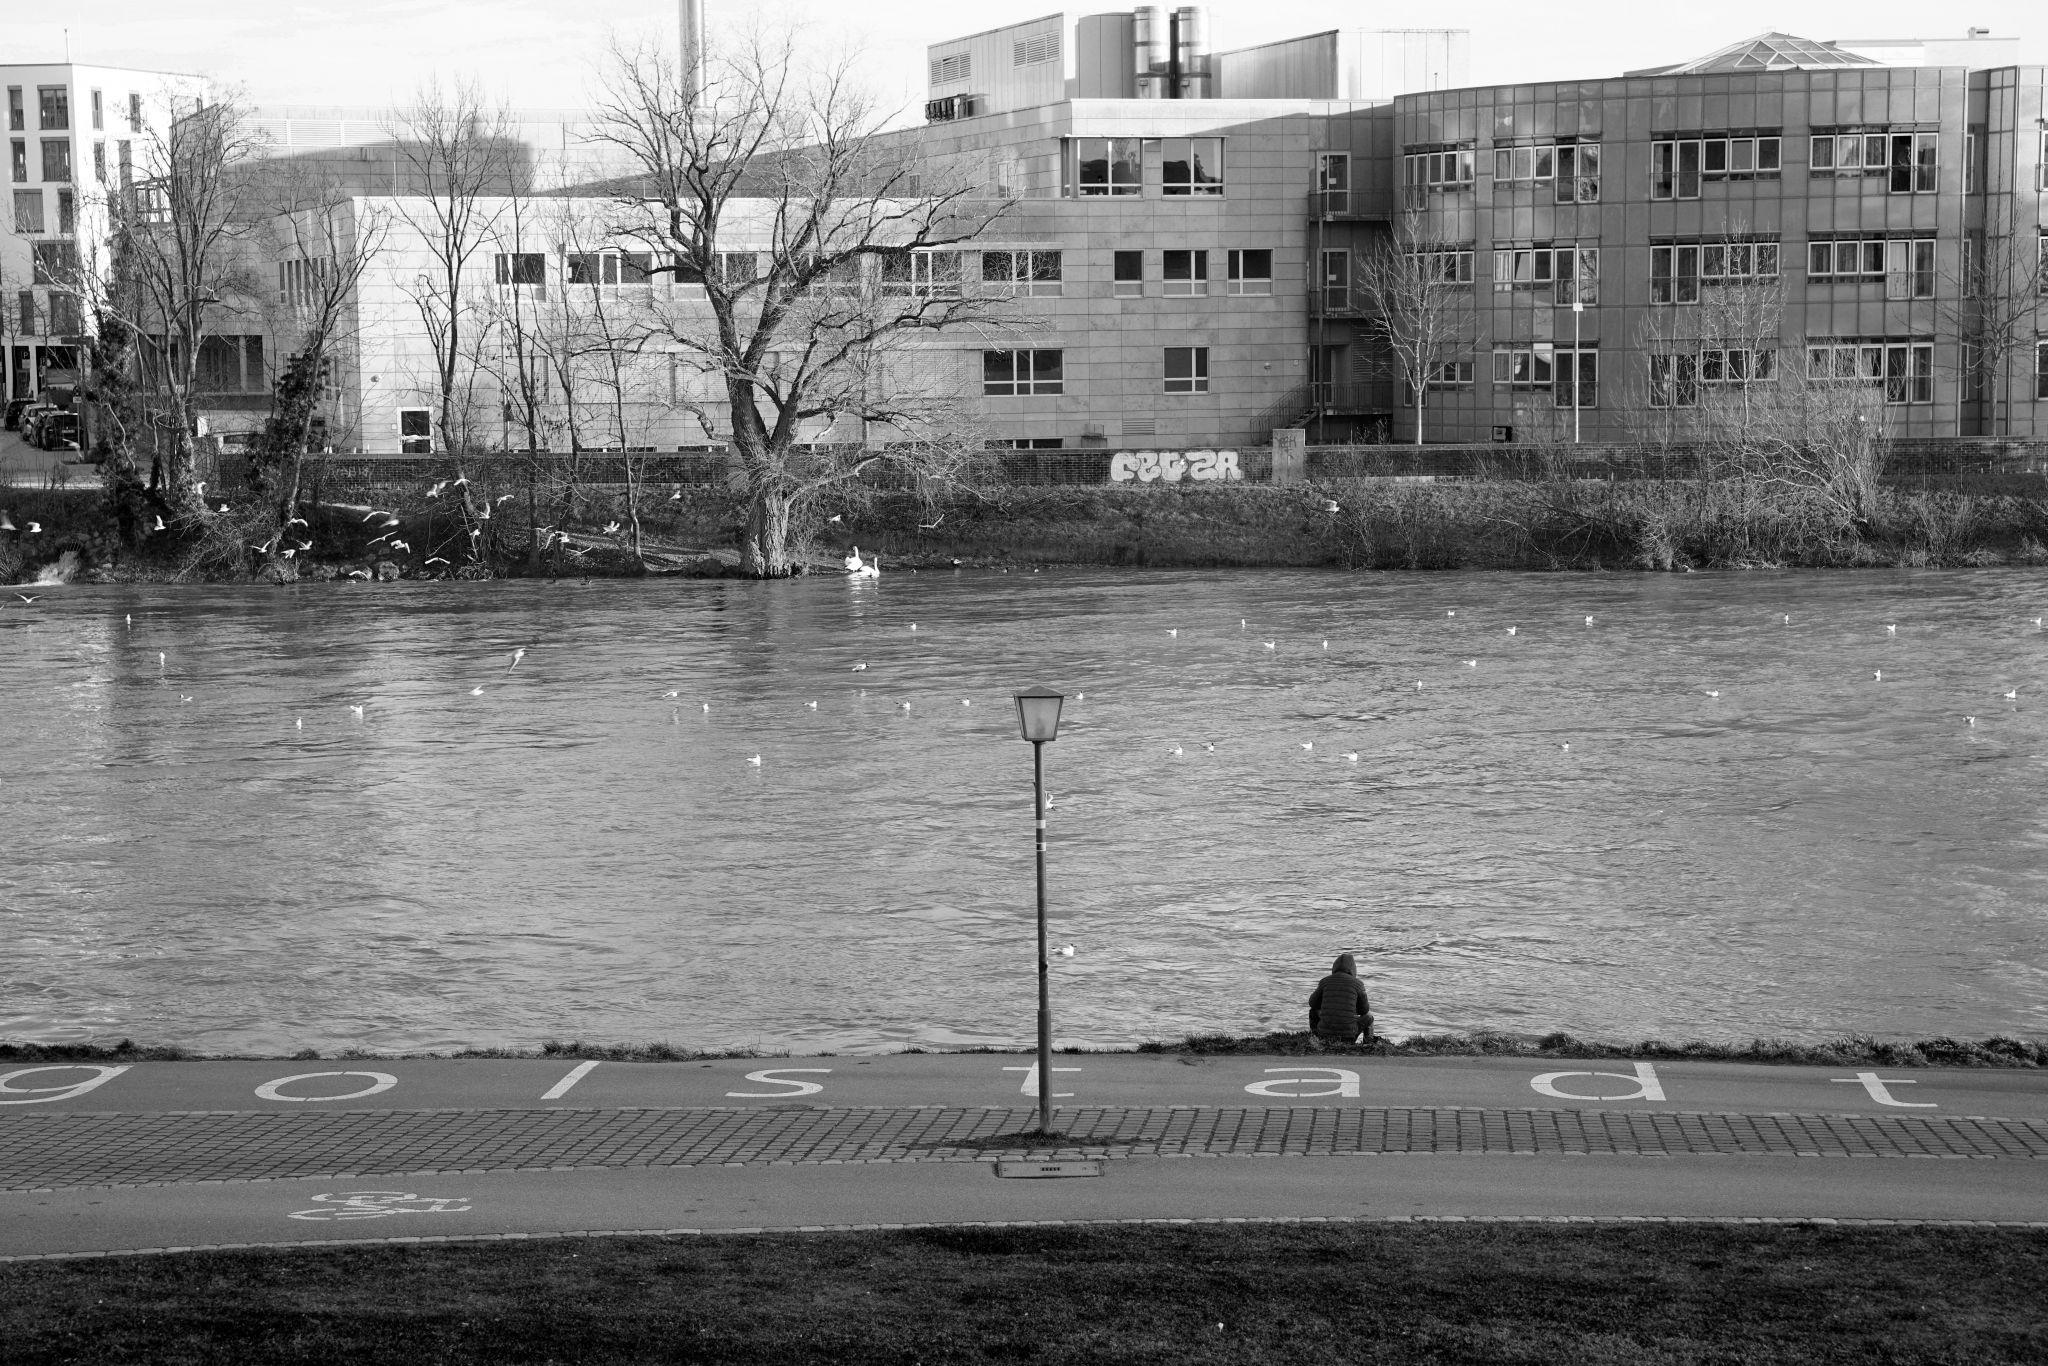 Donauufer, Germany